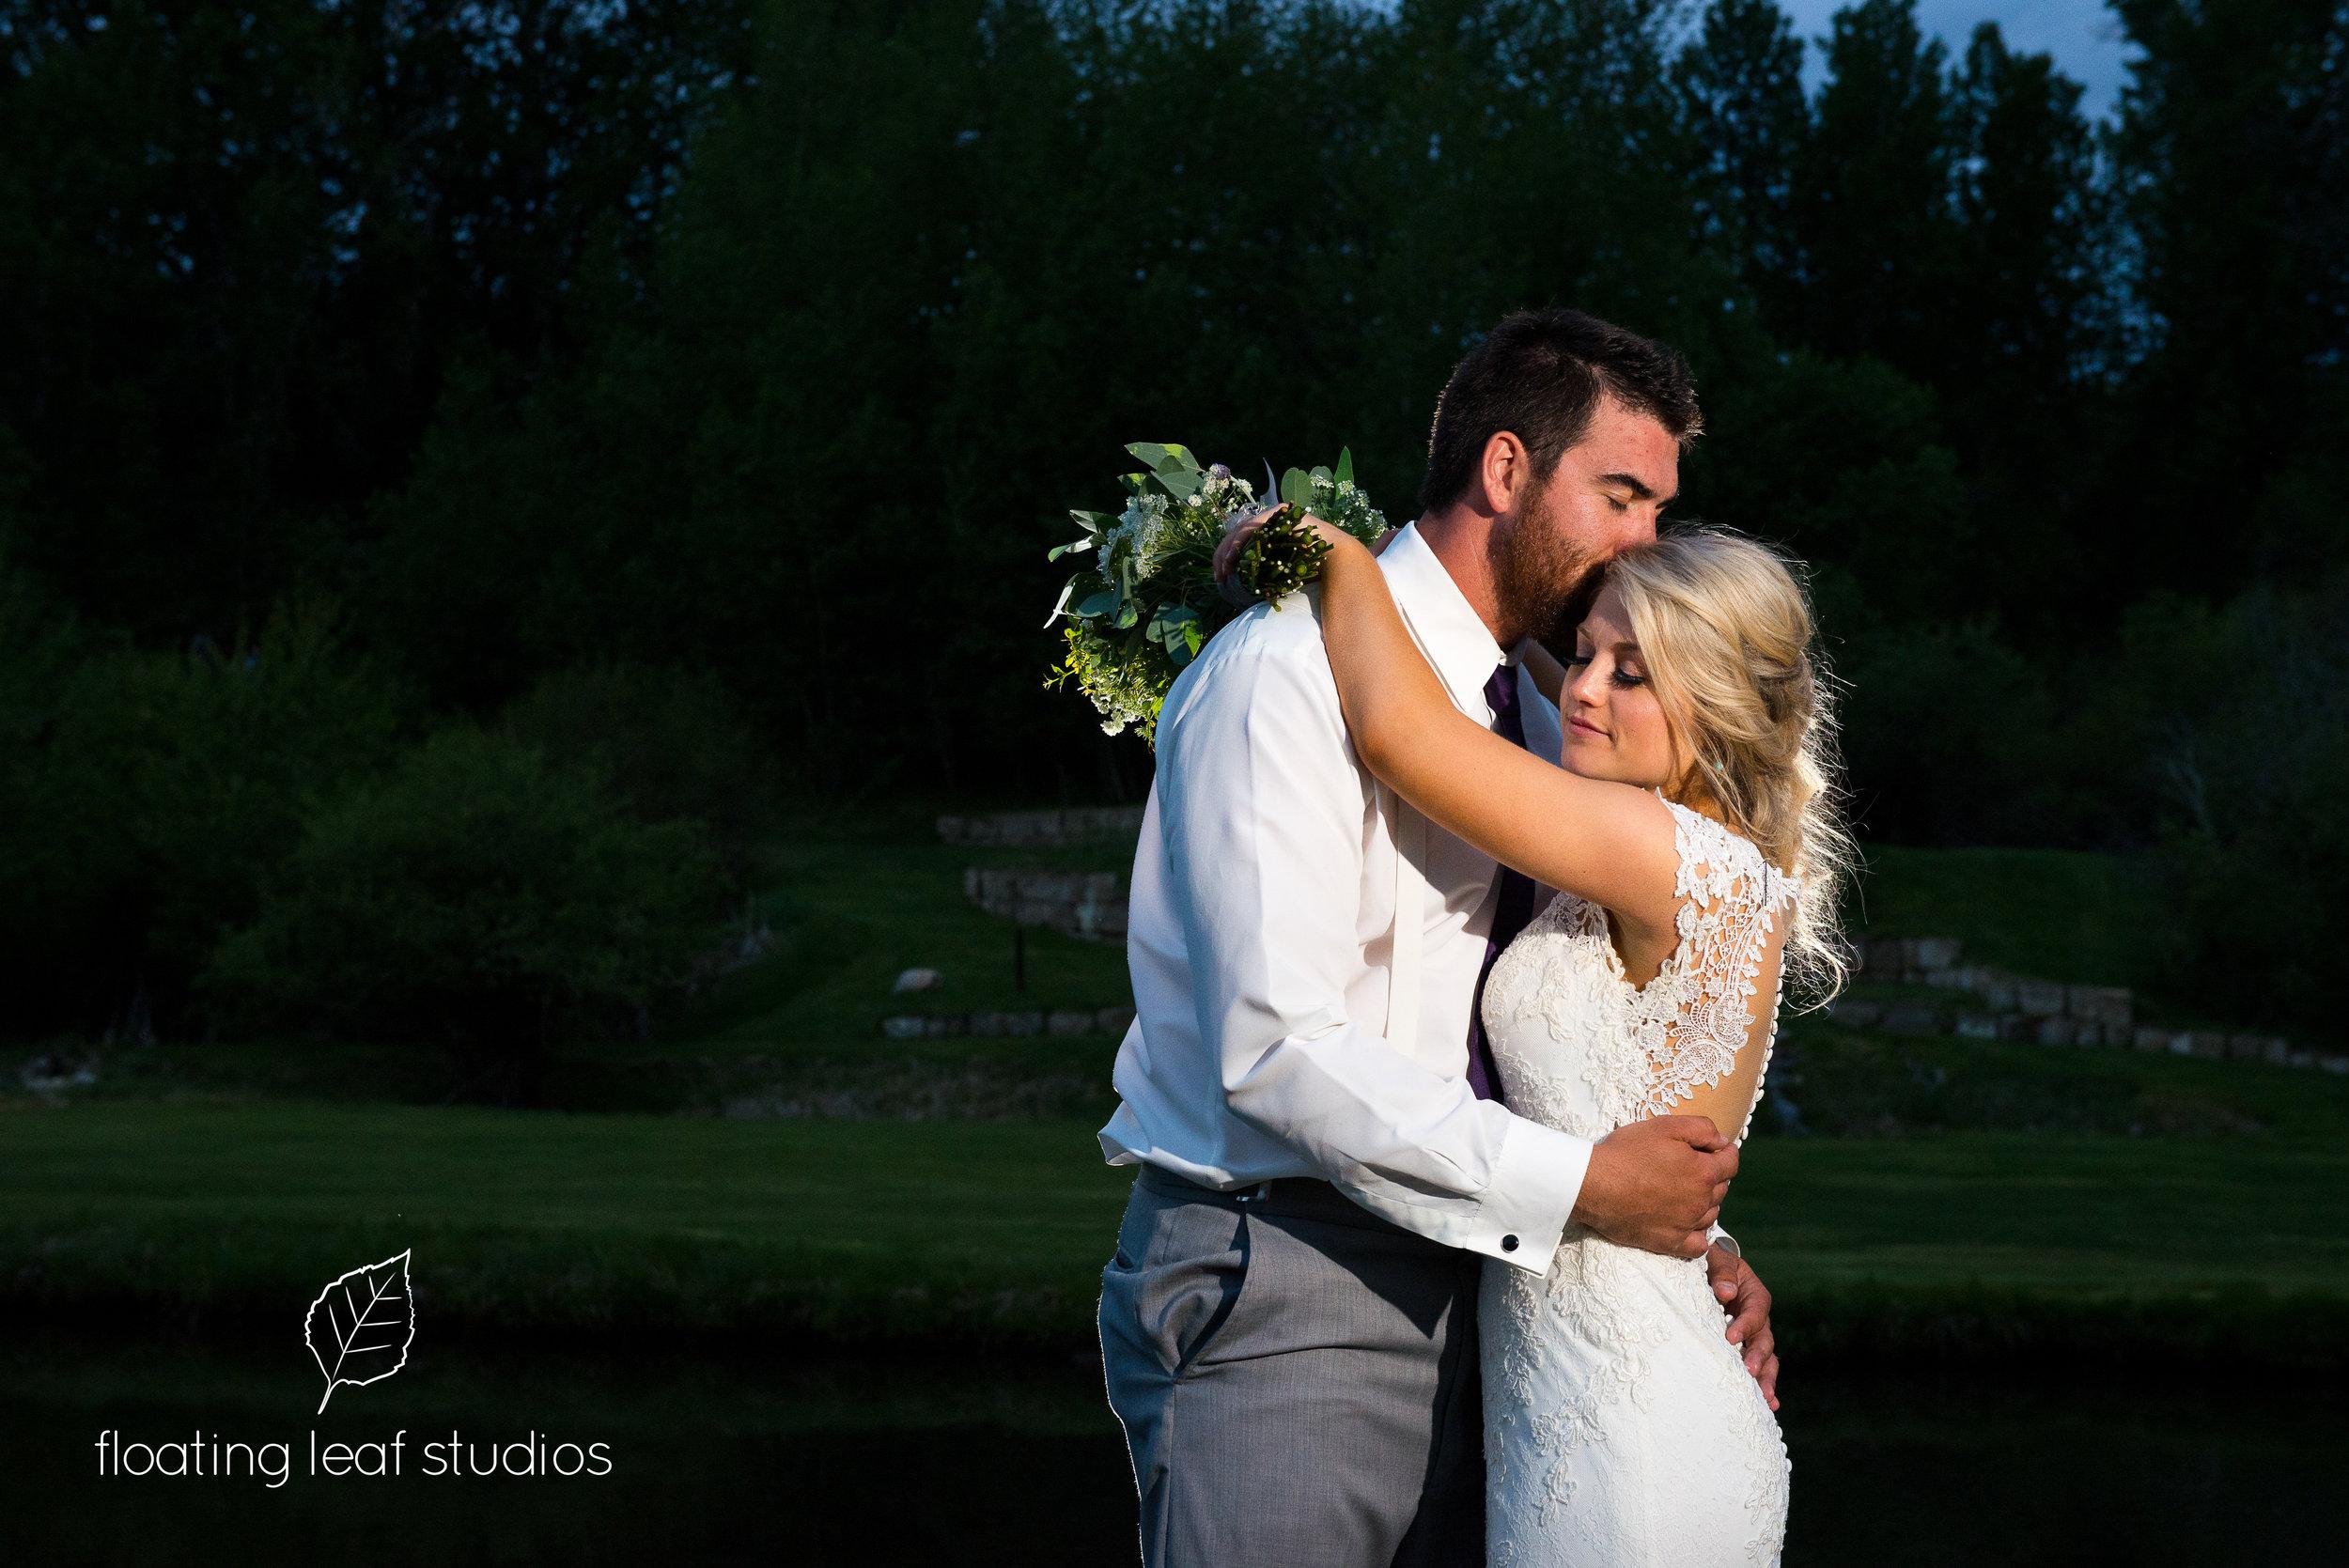 RockCreekFloral-Condon Wedding-61.jpg